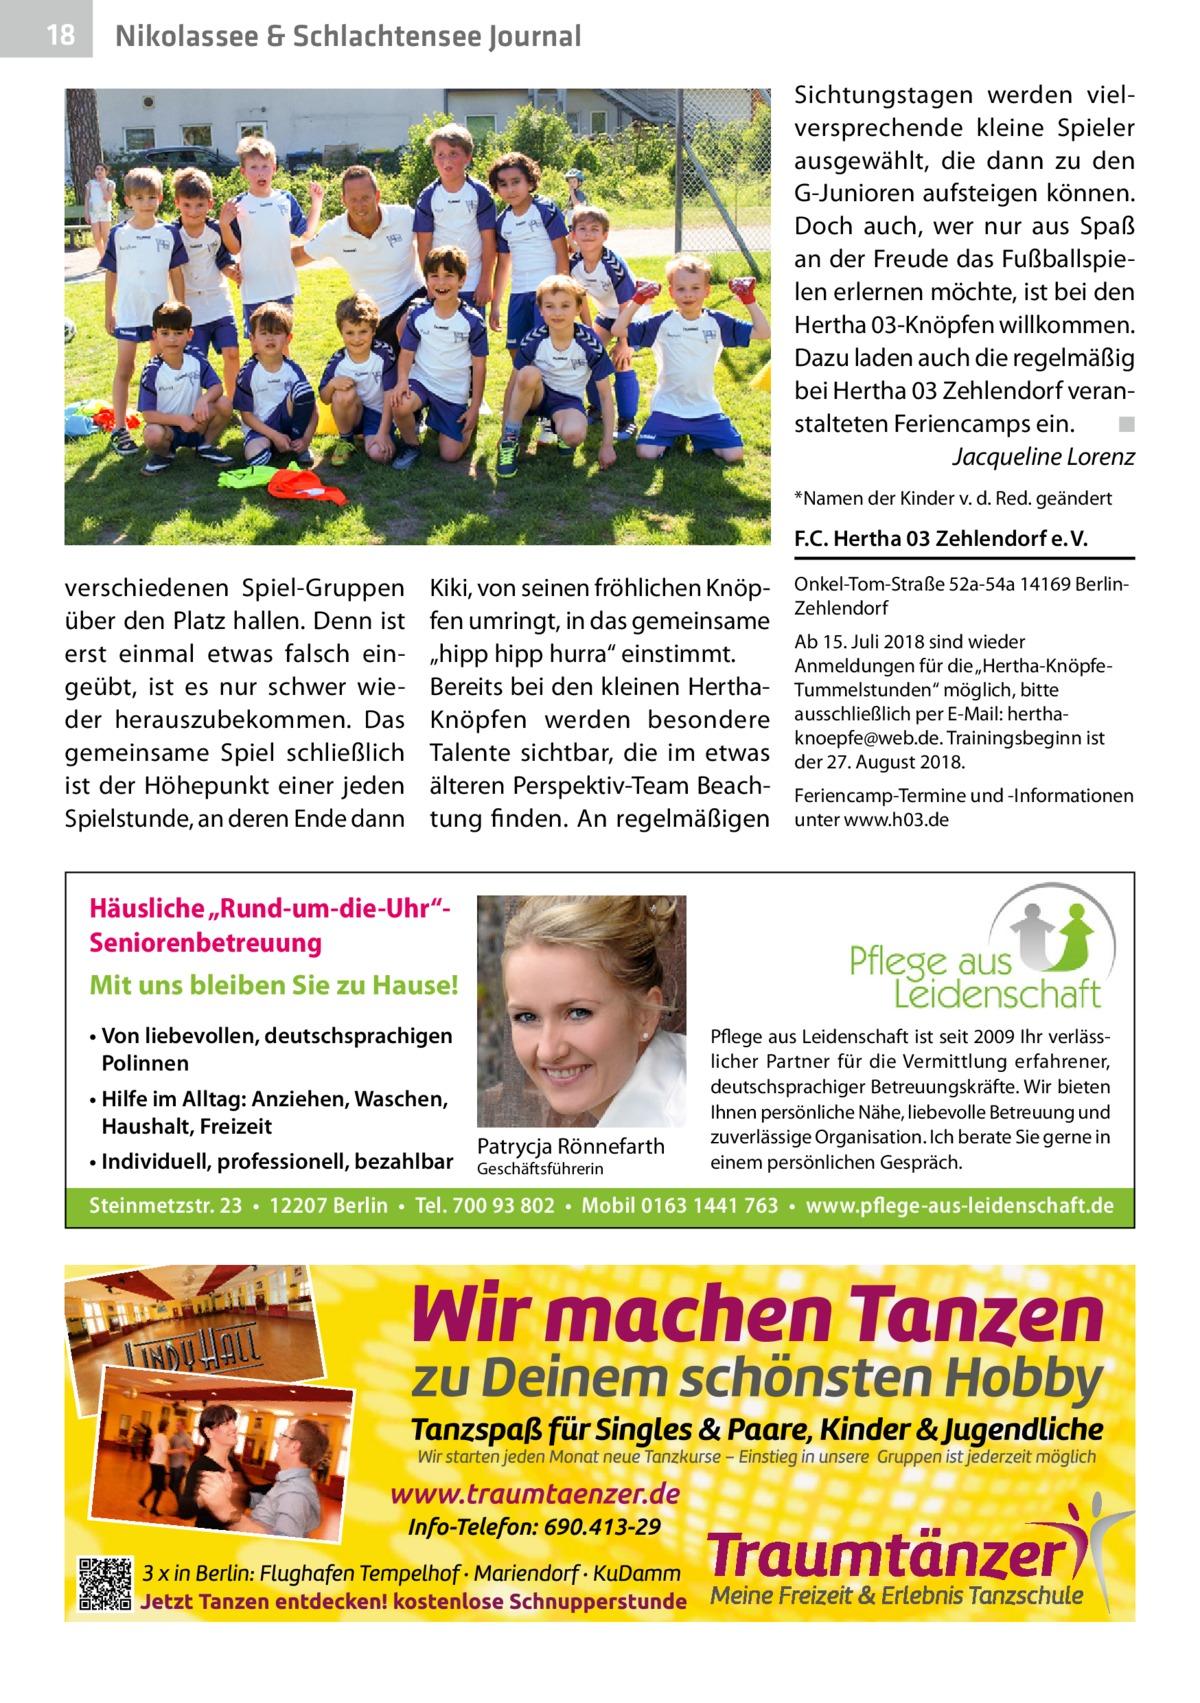 """18  Nikolassee & Schlachtensee Journal Sichtungstagen werden vielversprechende kleine Spieler ausgewählt, die dann zu den G-Junioren aufsteigen können. Doch auch, wer nur aus Spaß an der Freude das Fußballspielen erlernen möchte, ist bei den Hertha03-Knöpfen willkommen. Dazu laden auch die regelmäßig bei Hertha03 Zehlendorf veranstalteten Feriencamps ein.� ◾ � Jacqueline Lorenz *Namen der Kinder v. d. Red. geändert  F.C. Hertha03 Zehlendorf e.V.  verschiedenen Spiel-Gruppen über den Platz hallen. Denn ist erst einmal etwas falsch eingeübt, ist es nur schwer wieder herauszubekommen. Das gemeinsame Spiel schließlich ist der Höhepunkt einer jeden Spielstunde, an deren Ende dann  Kiki, von seinen fröhlichen Knöpfen umringt, in das gemeinsame """"hipp hipp hurra"""" einstimmt. Bereits bei den kleinen HerthaKnöpfen werden besondere Talente sichtbar, die im etwas älteren Perspektiv-Team Beachtung finden. An regelmäßigen  Onkel-Tom-Straße52a-54a 14169BerlinZehlendorf Ab 15.Juli 2018 sind wieder Anmeldungen für die """"Hertha-KnöpfeTummelstunden"""" möglich, bitte ausschließlich per E-Mail: herthaknoepfe@web.de. Trainingsbeginn ist der 27.August 2018. Feriencamp-Termine und -Informationen unter www.h03.de  Häusliche """"Rund-um-die-Uhr""""Seniorenbetreuung Mit uns bleiben Sie zu Hause! • Von liebevollen, deutschsprachigen Polinnen • Hilfe im Alltag: Anziehen, Waschen, Haushalt, Freizeit • Individuell, professionell, bezahlbar  Patrycja Rönnefarth  Geschäftsführerin  Pflege aus Leidenschaft ist seit 2009 Ihr verlässlicher Partner für die Vermittlung erfahrener, deutschsprachiger Betreuungskräfte. Wir bieten Ihnen persönliche Nähe, liebevolle Betreuung und zuverlässige Organisation. Ich berate Sie gerne in einem persönlichen Gespräch.  Steinmetzstr.23 • 12207Berlin • Tel. 700 93 802 • Mobil 0163 1441 763 • www.pflege-aus-leidenschaft.de"""